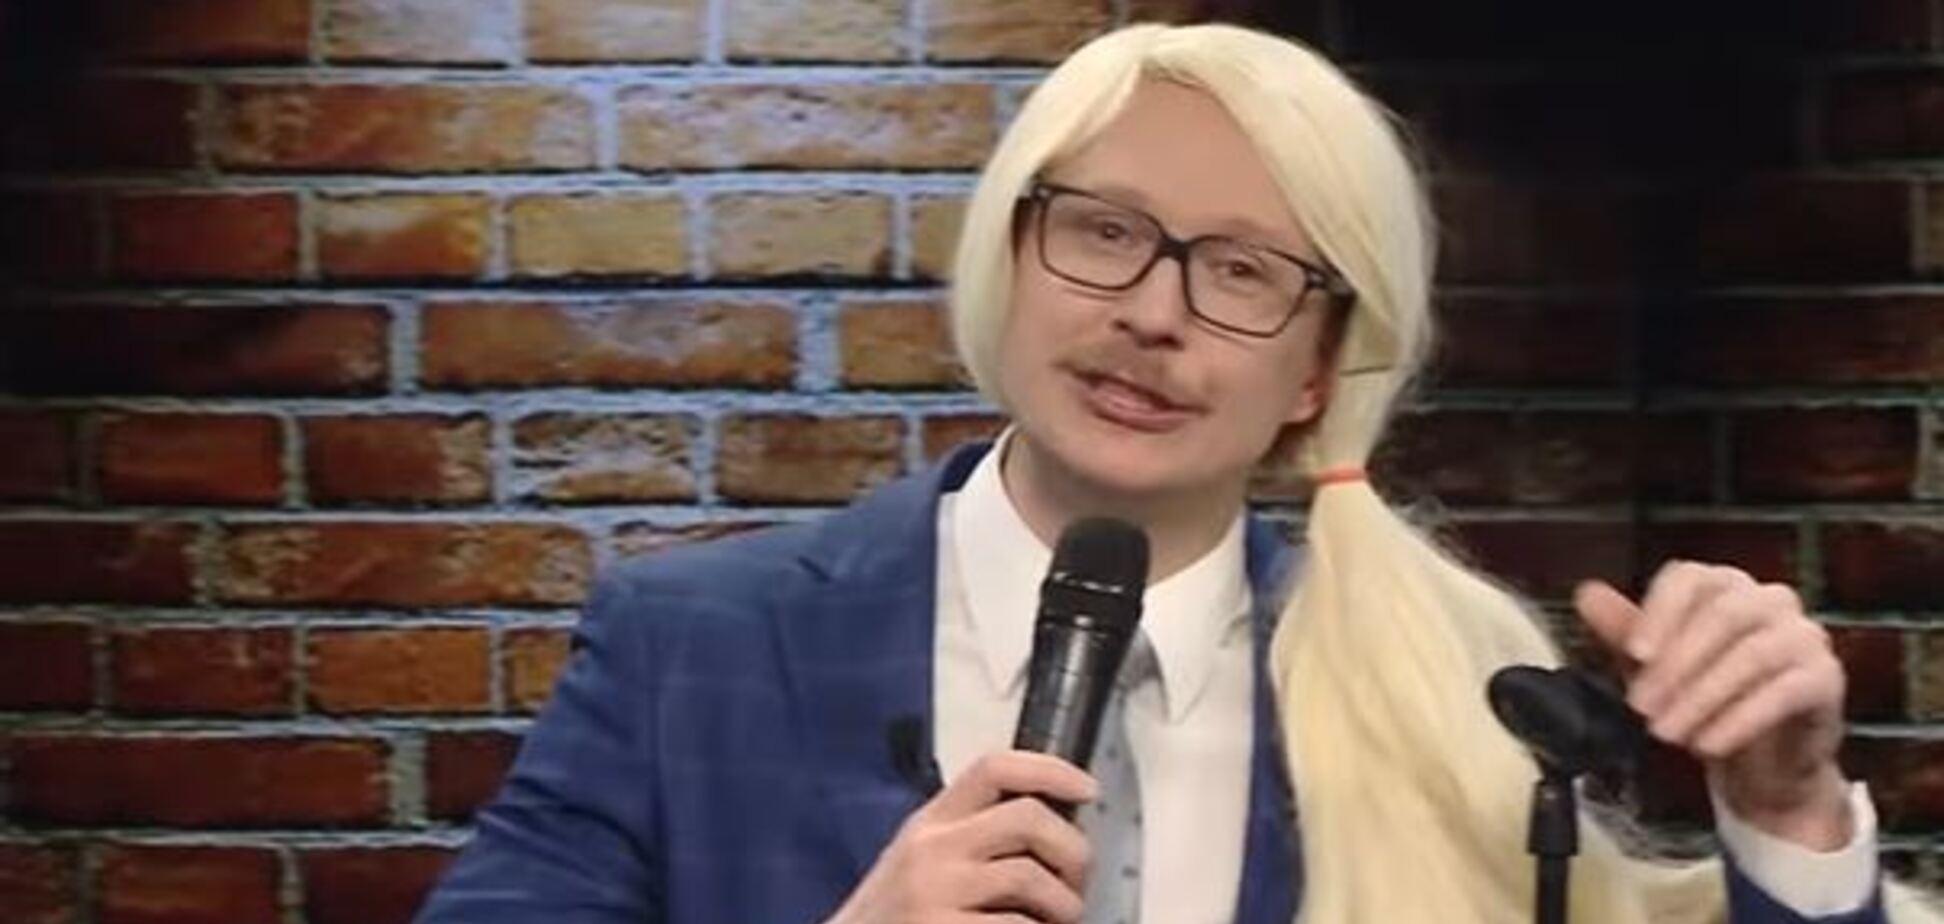 Проти одностатевих шлюбів і марихуани: відомий комік жорстко висміяв Тимошенко